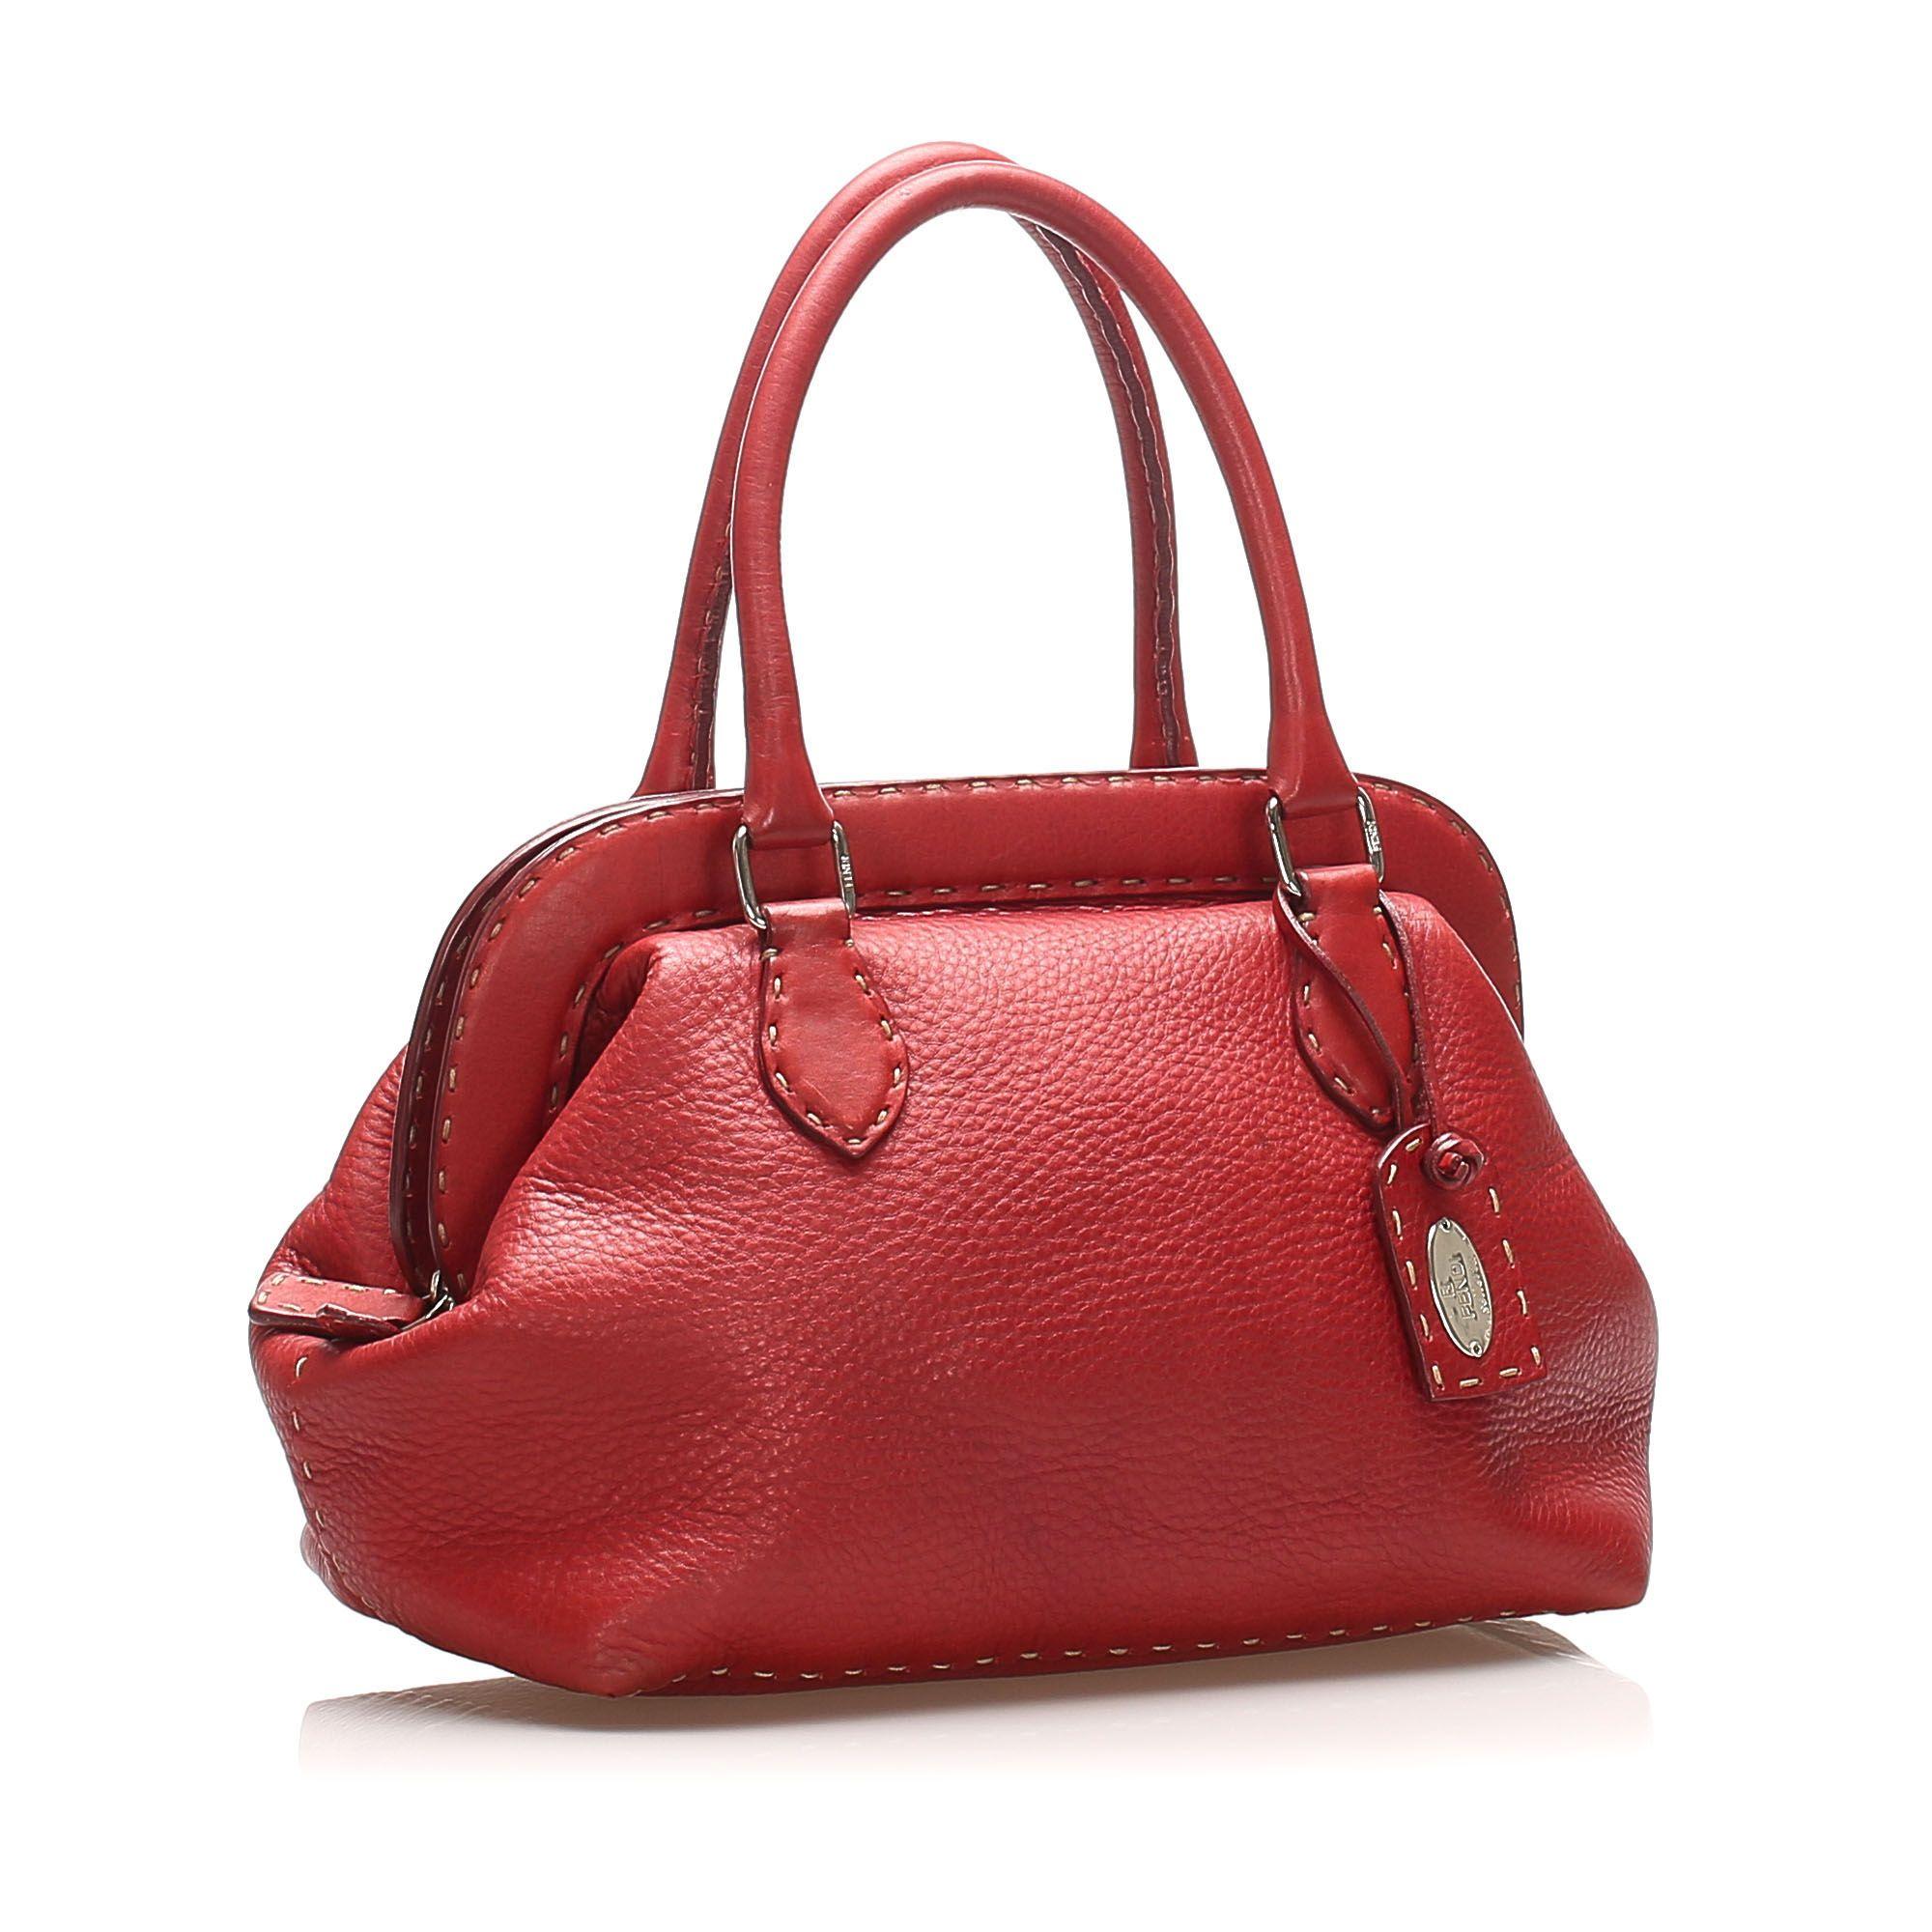 Vintage Fendi Selleria Leather Handbag Red